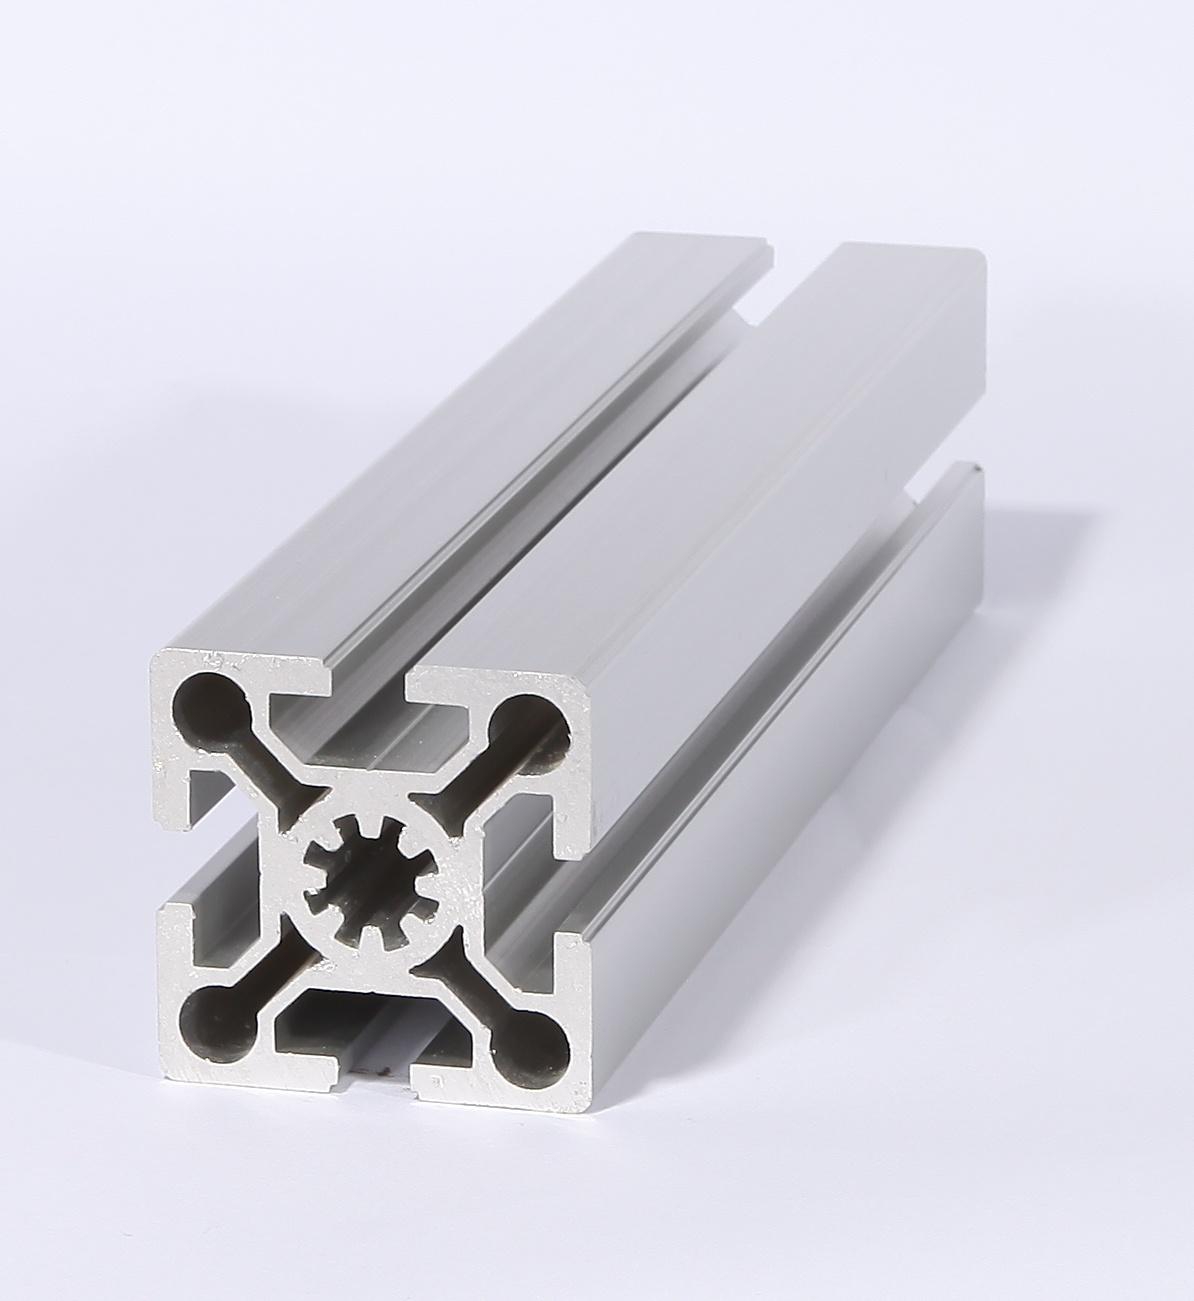 5050工作台铝型材